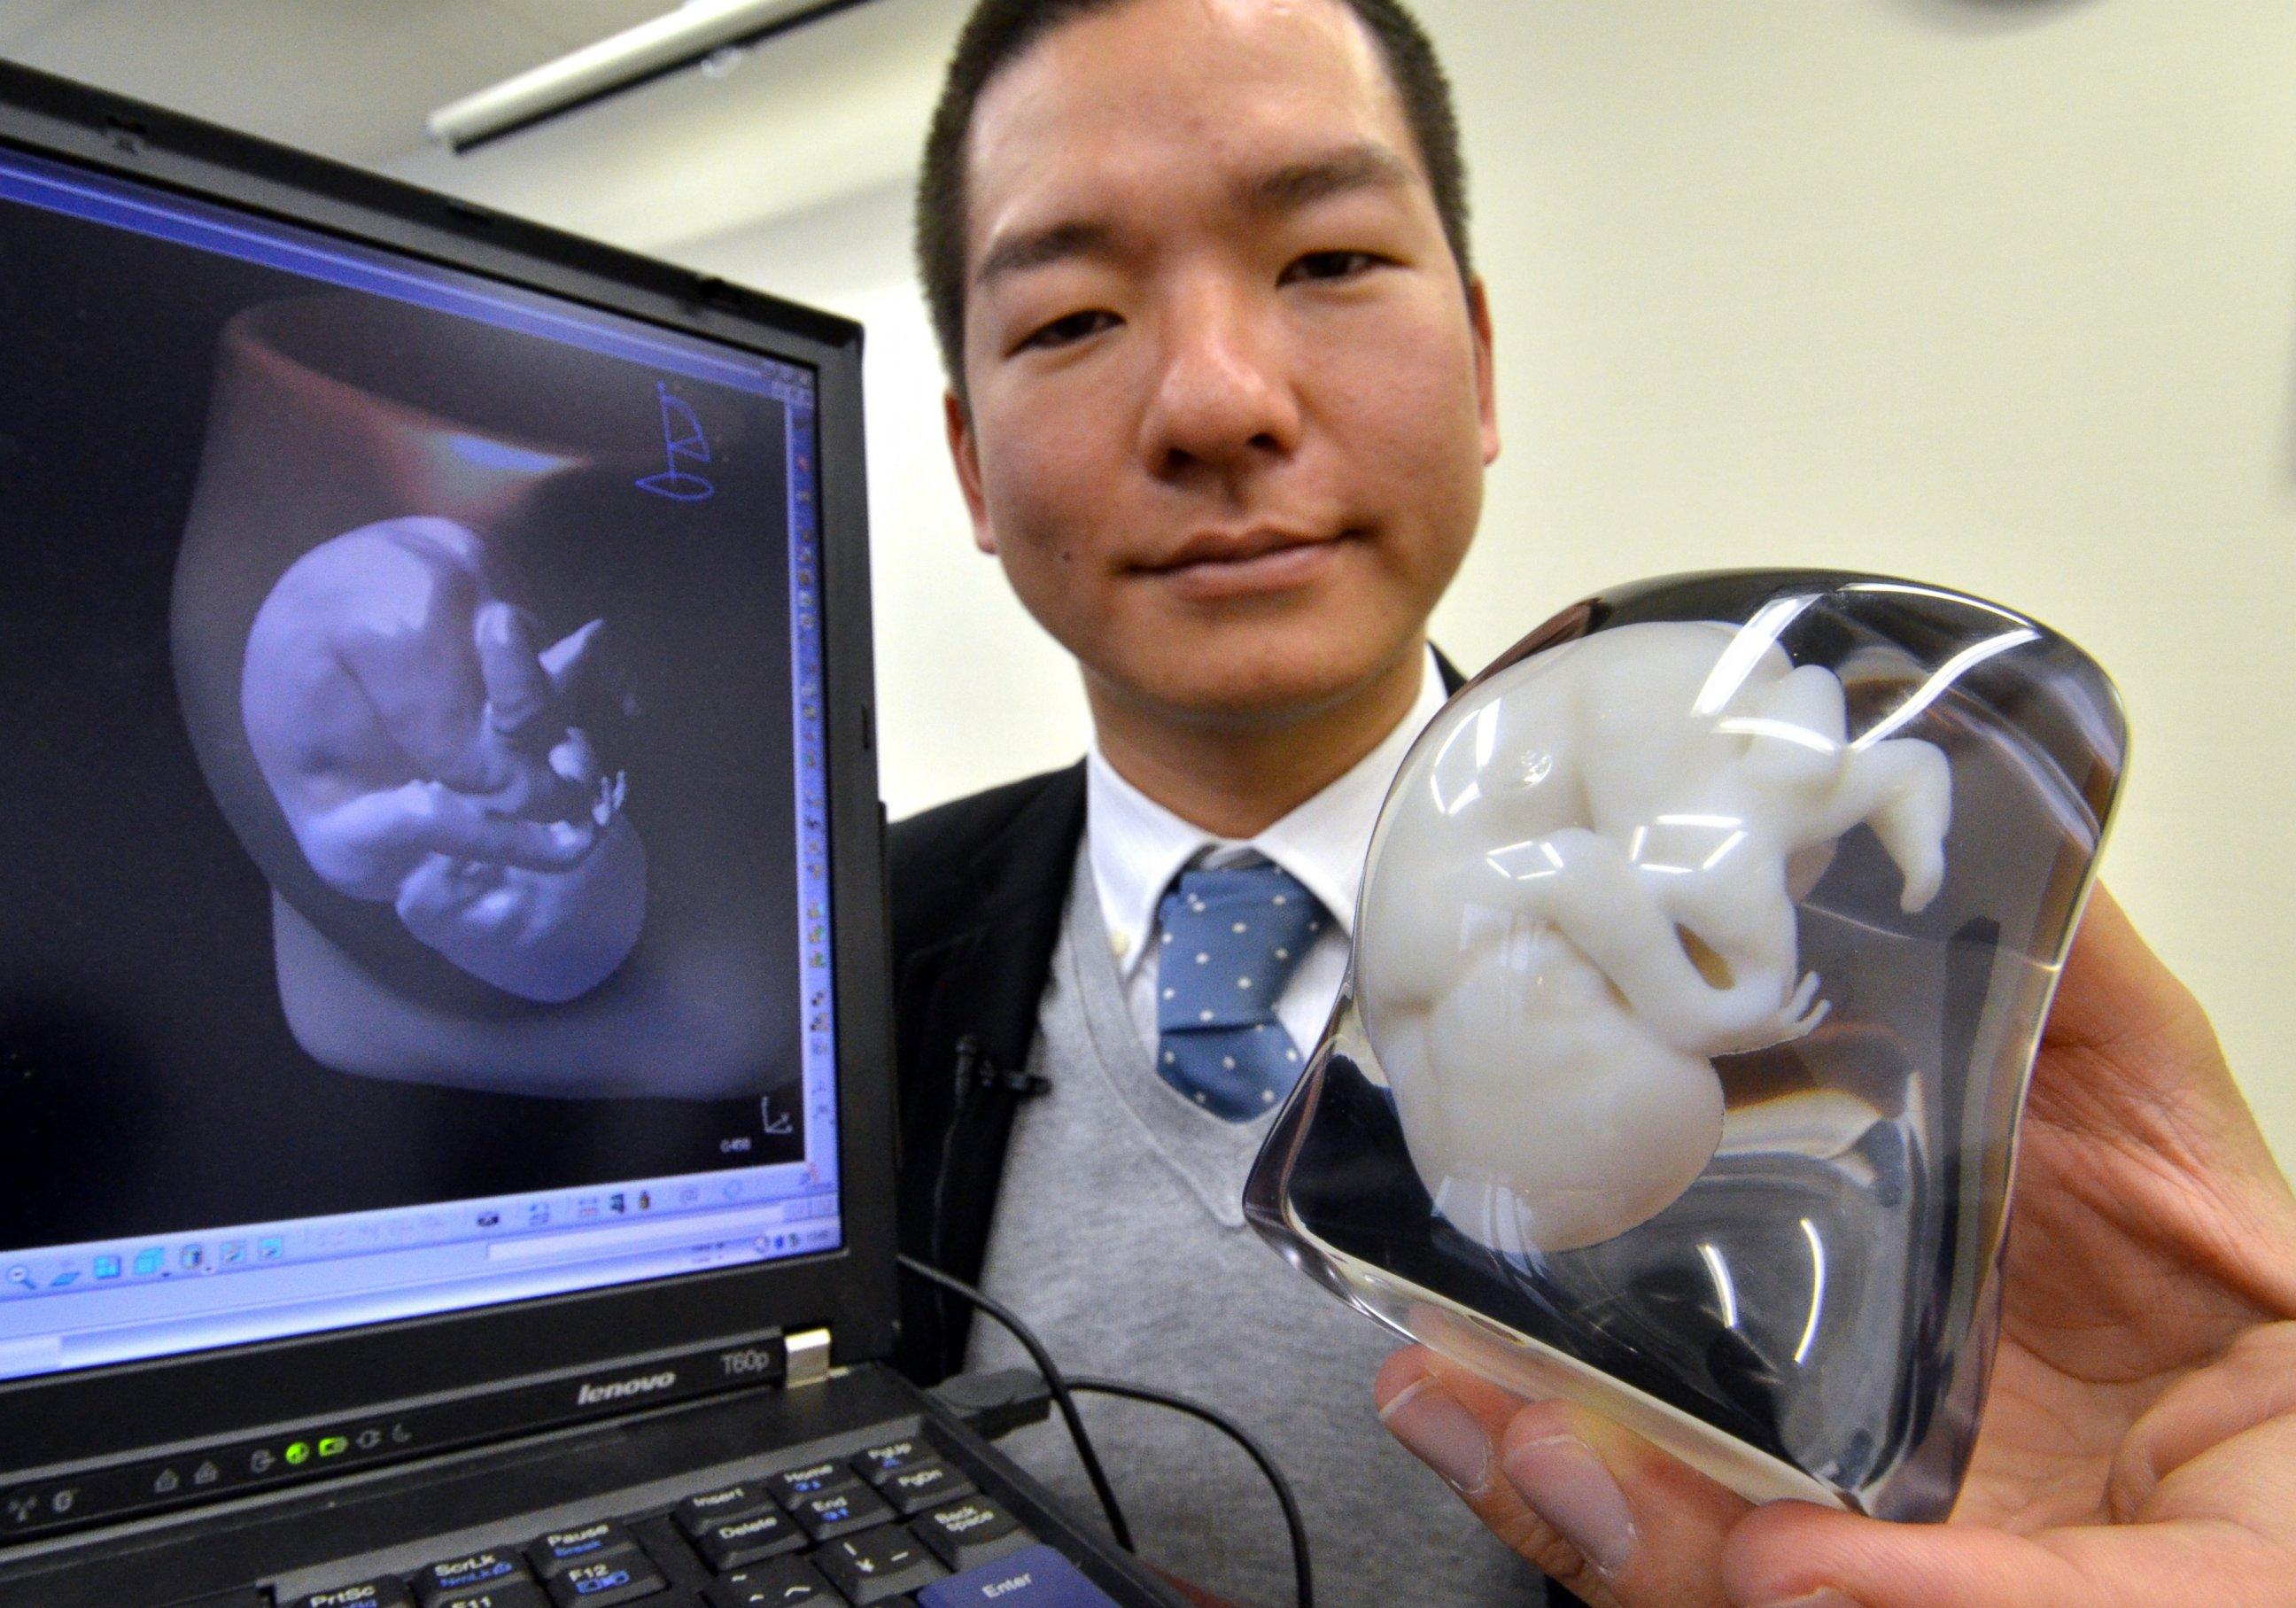 Родители уже могут заказать 3-D скульптуру будущего ребенка!